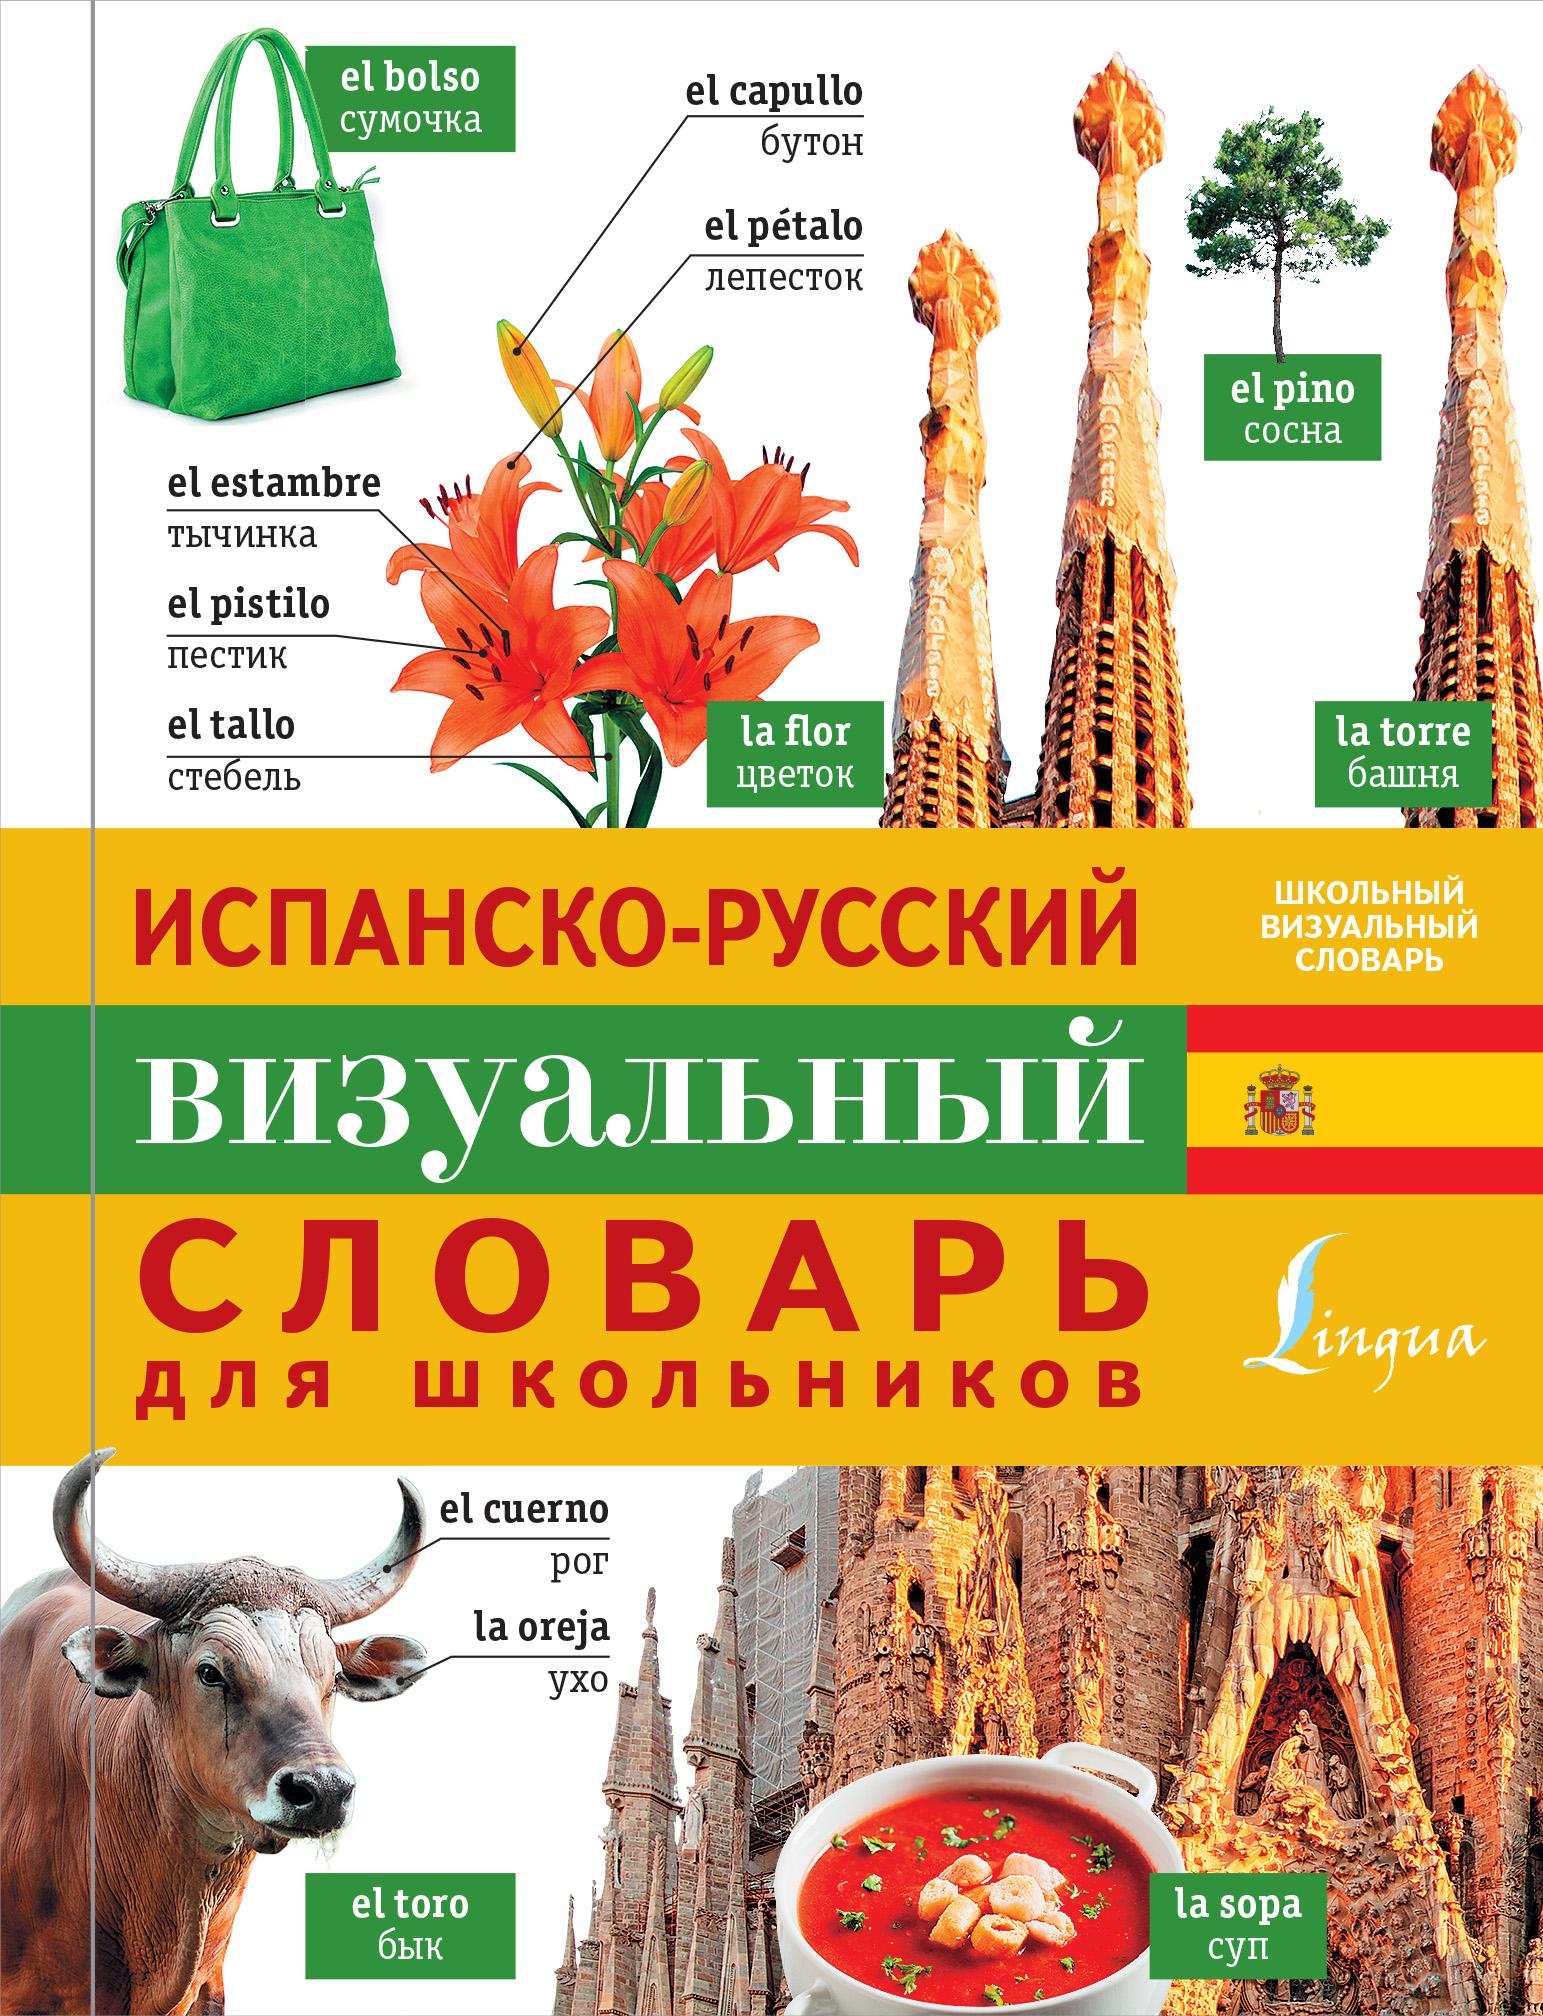 Испанско-русский визуальный словарь для школьников ( .  )